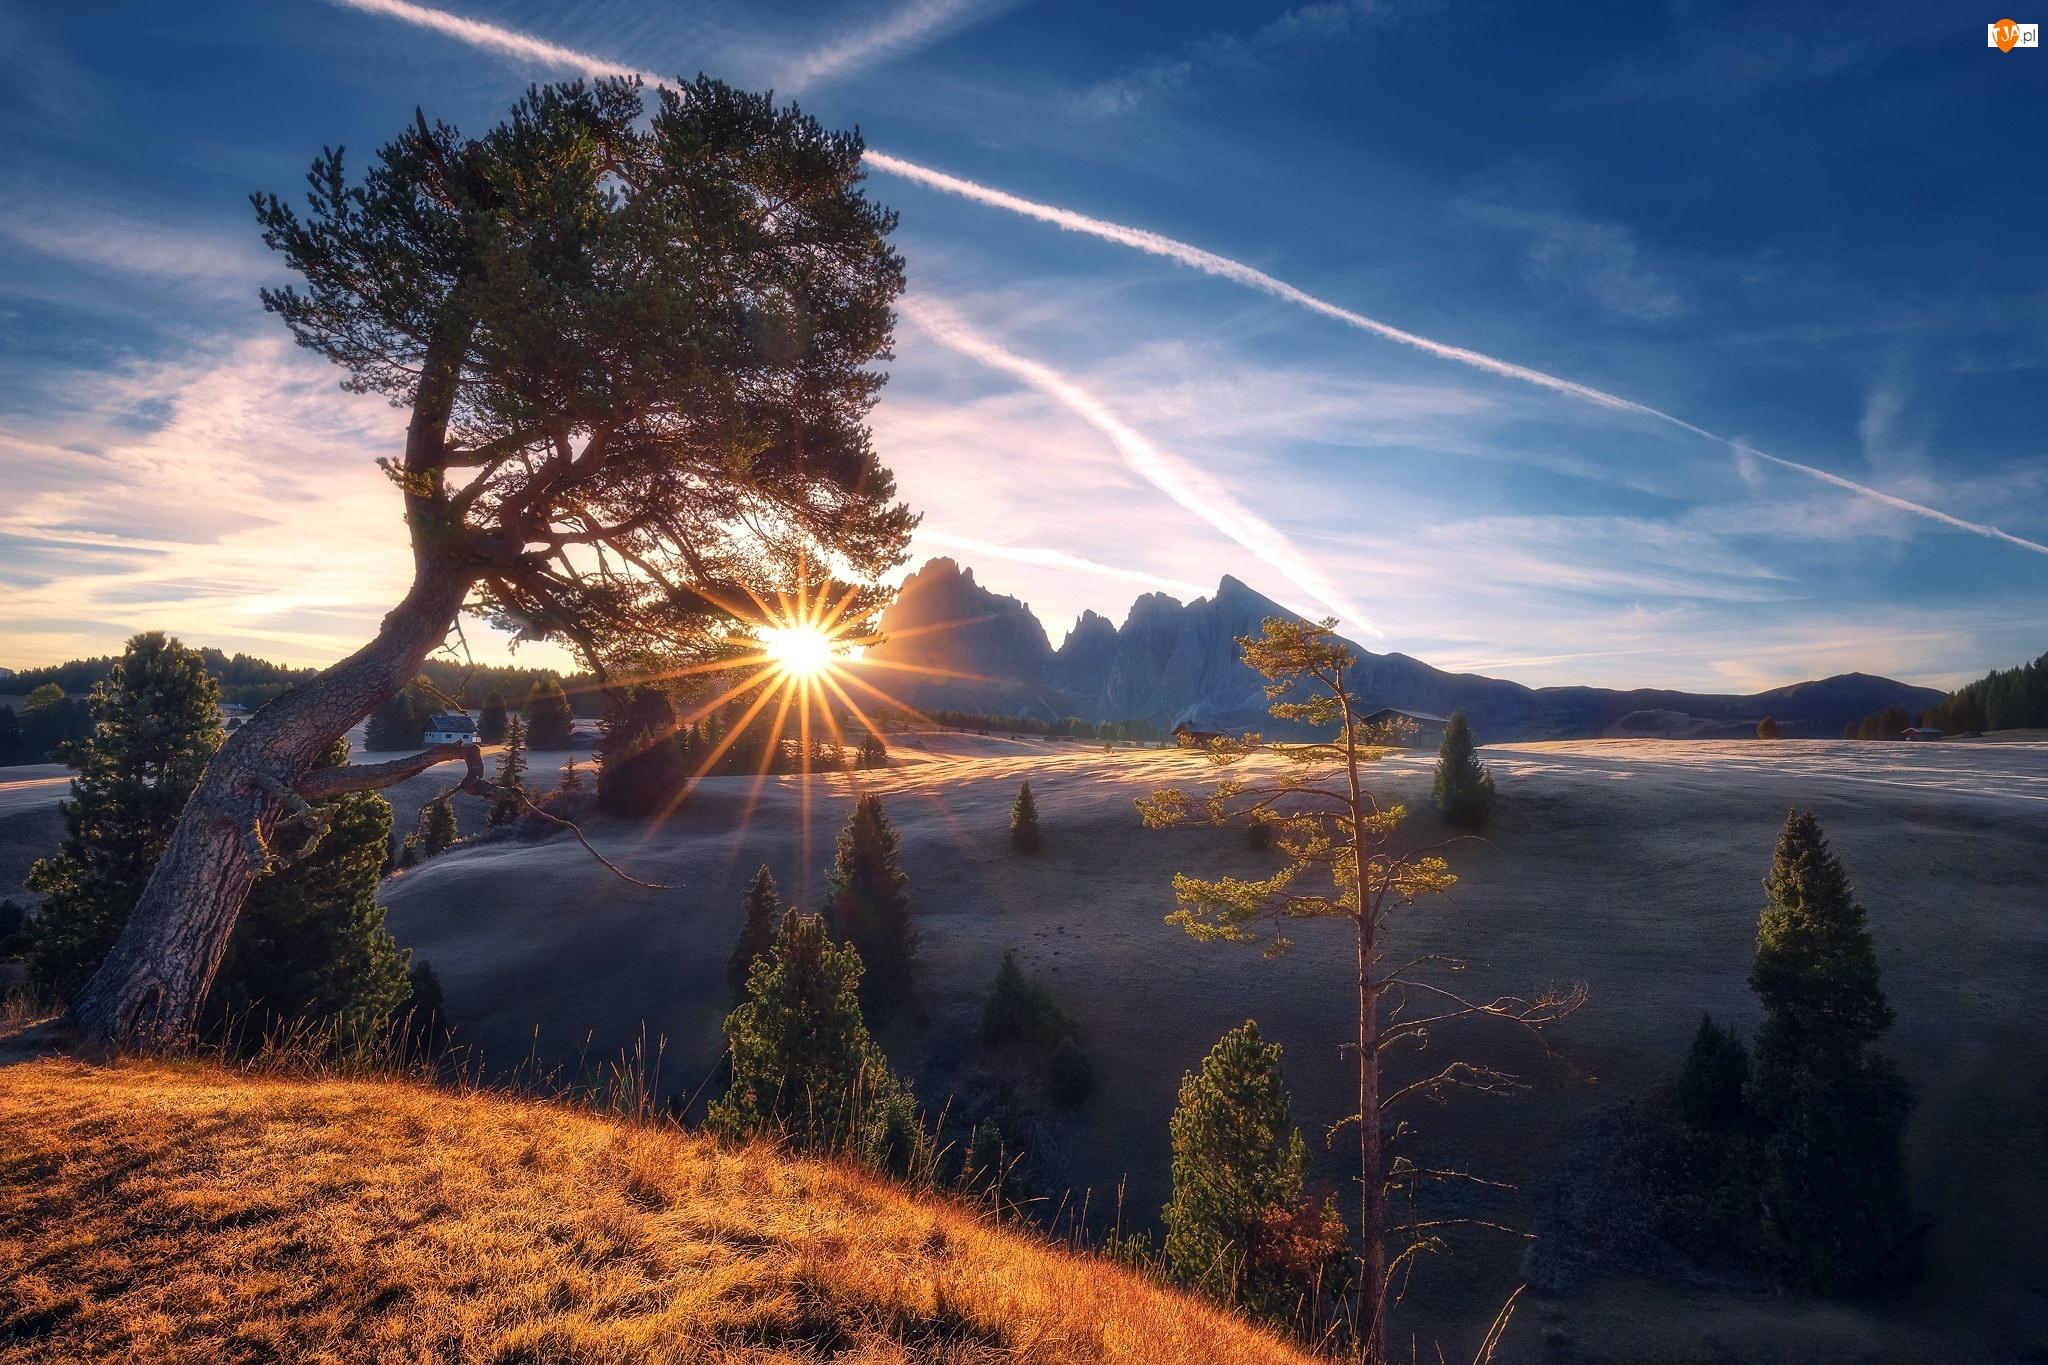 Promienie słońca, Góry, Drzewa, Domy